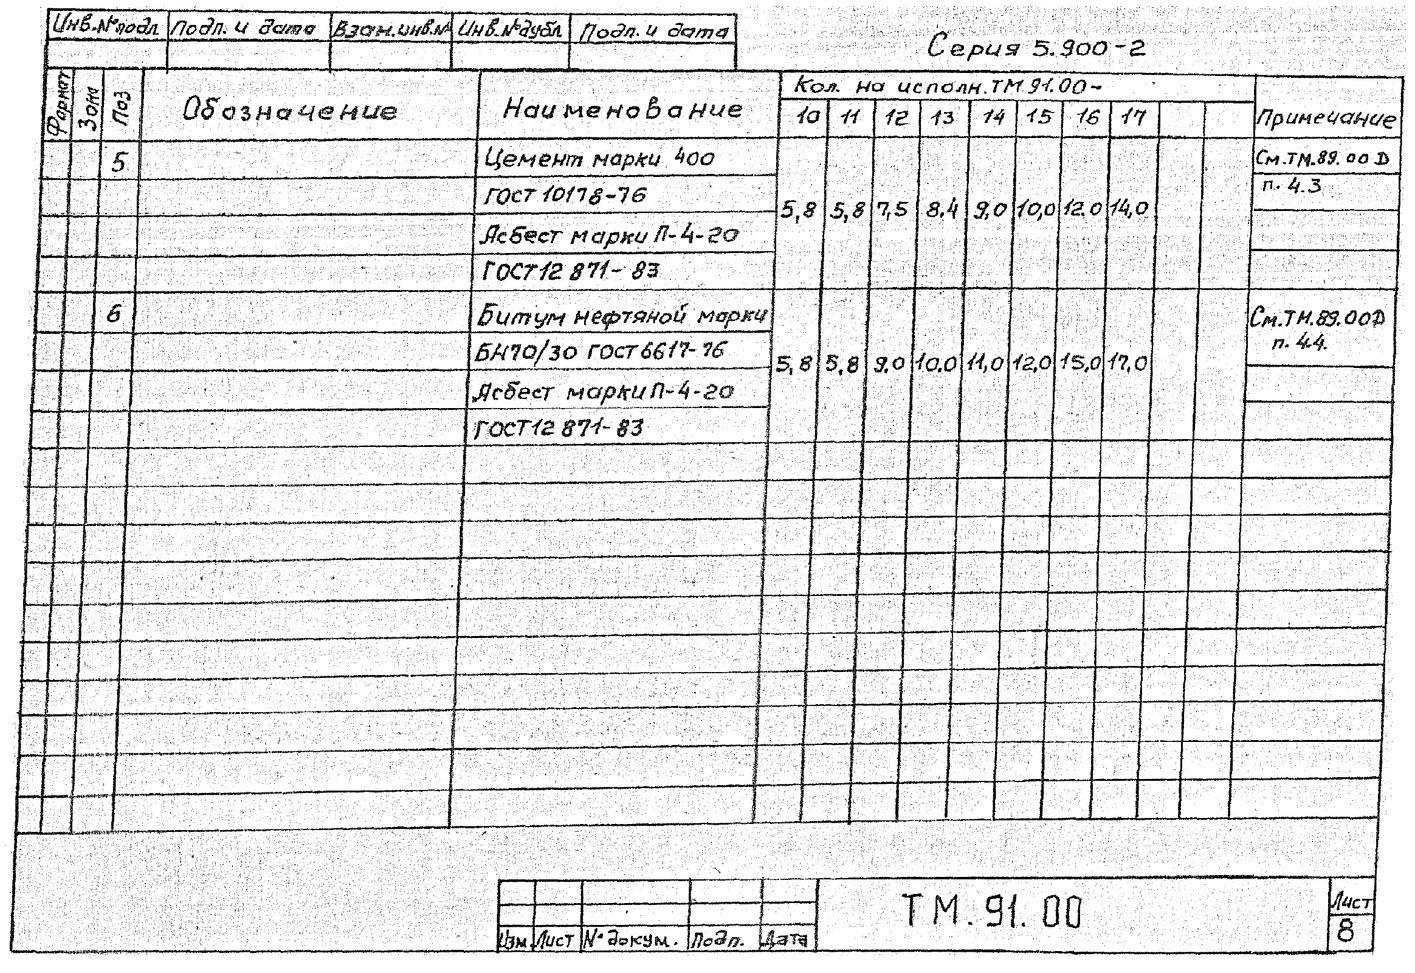 Сальники набивные ТМ.91.00 серия 5.900-2 стр.9